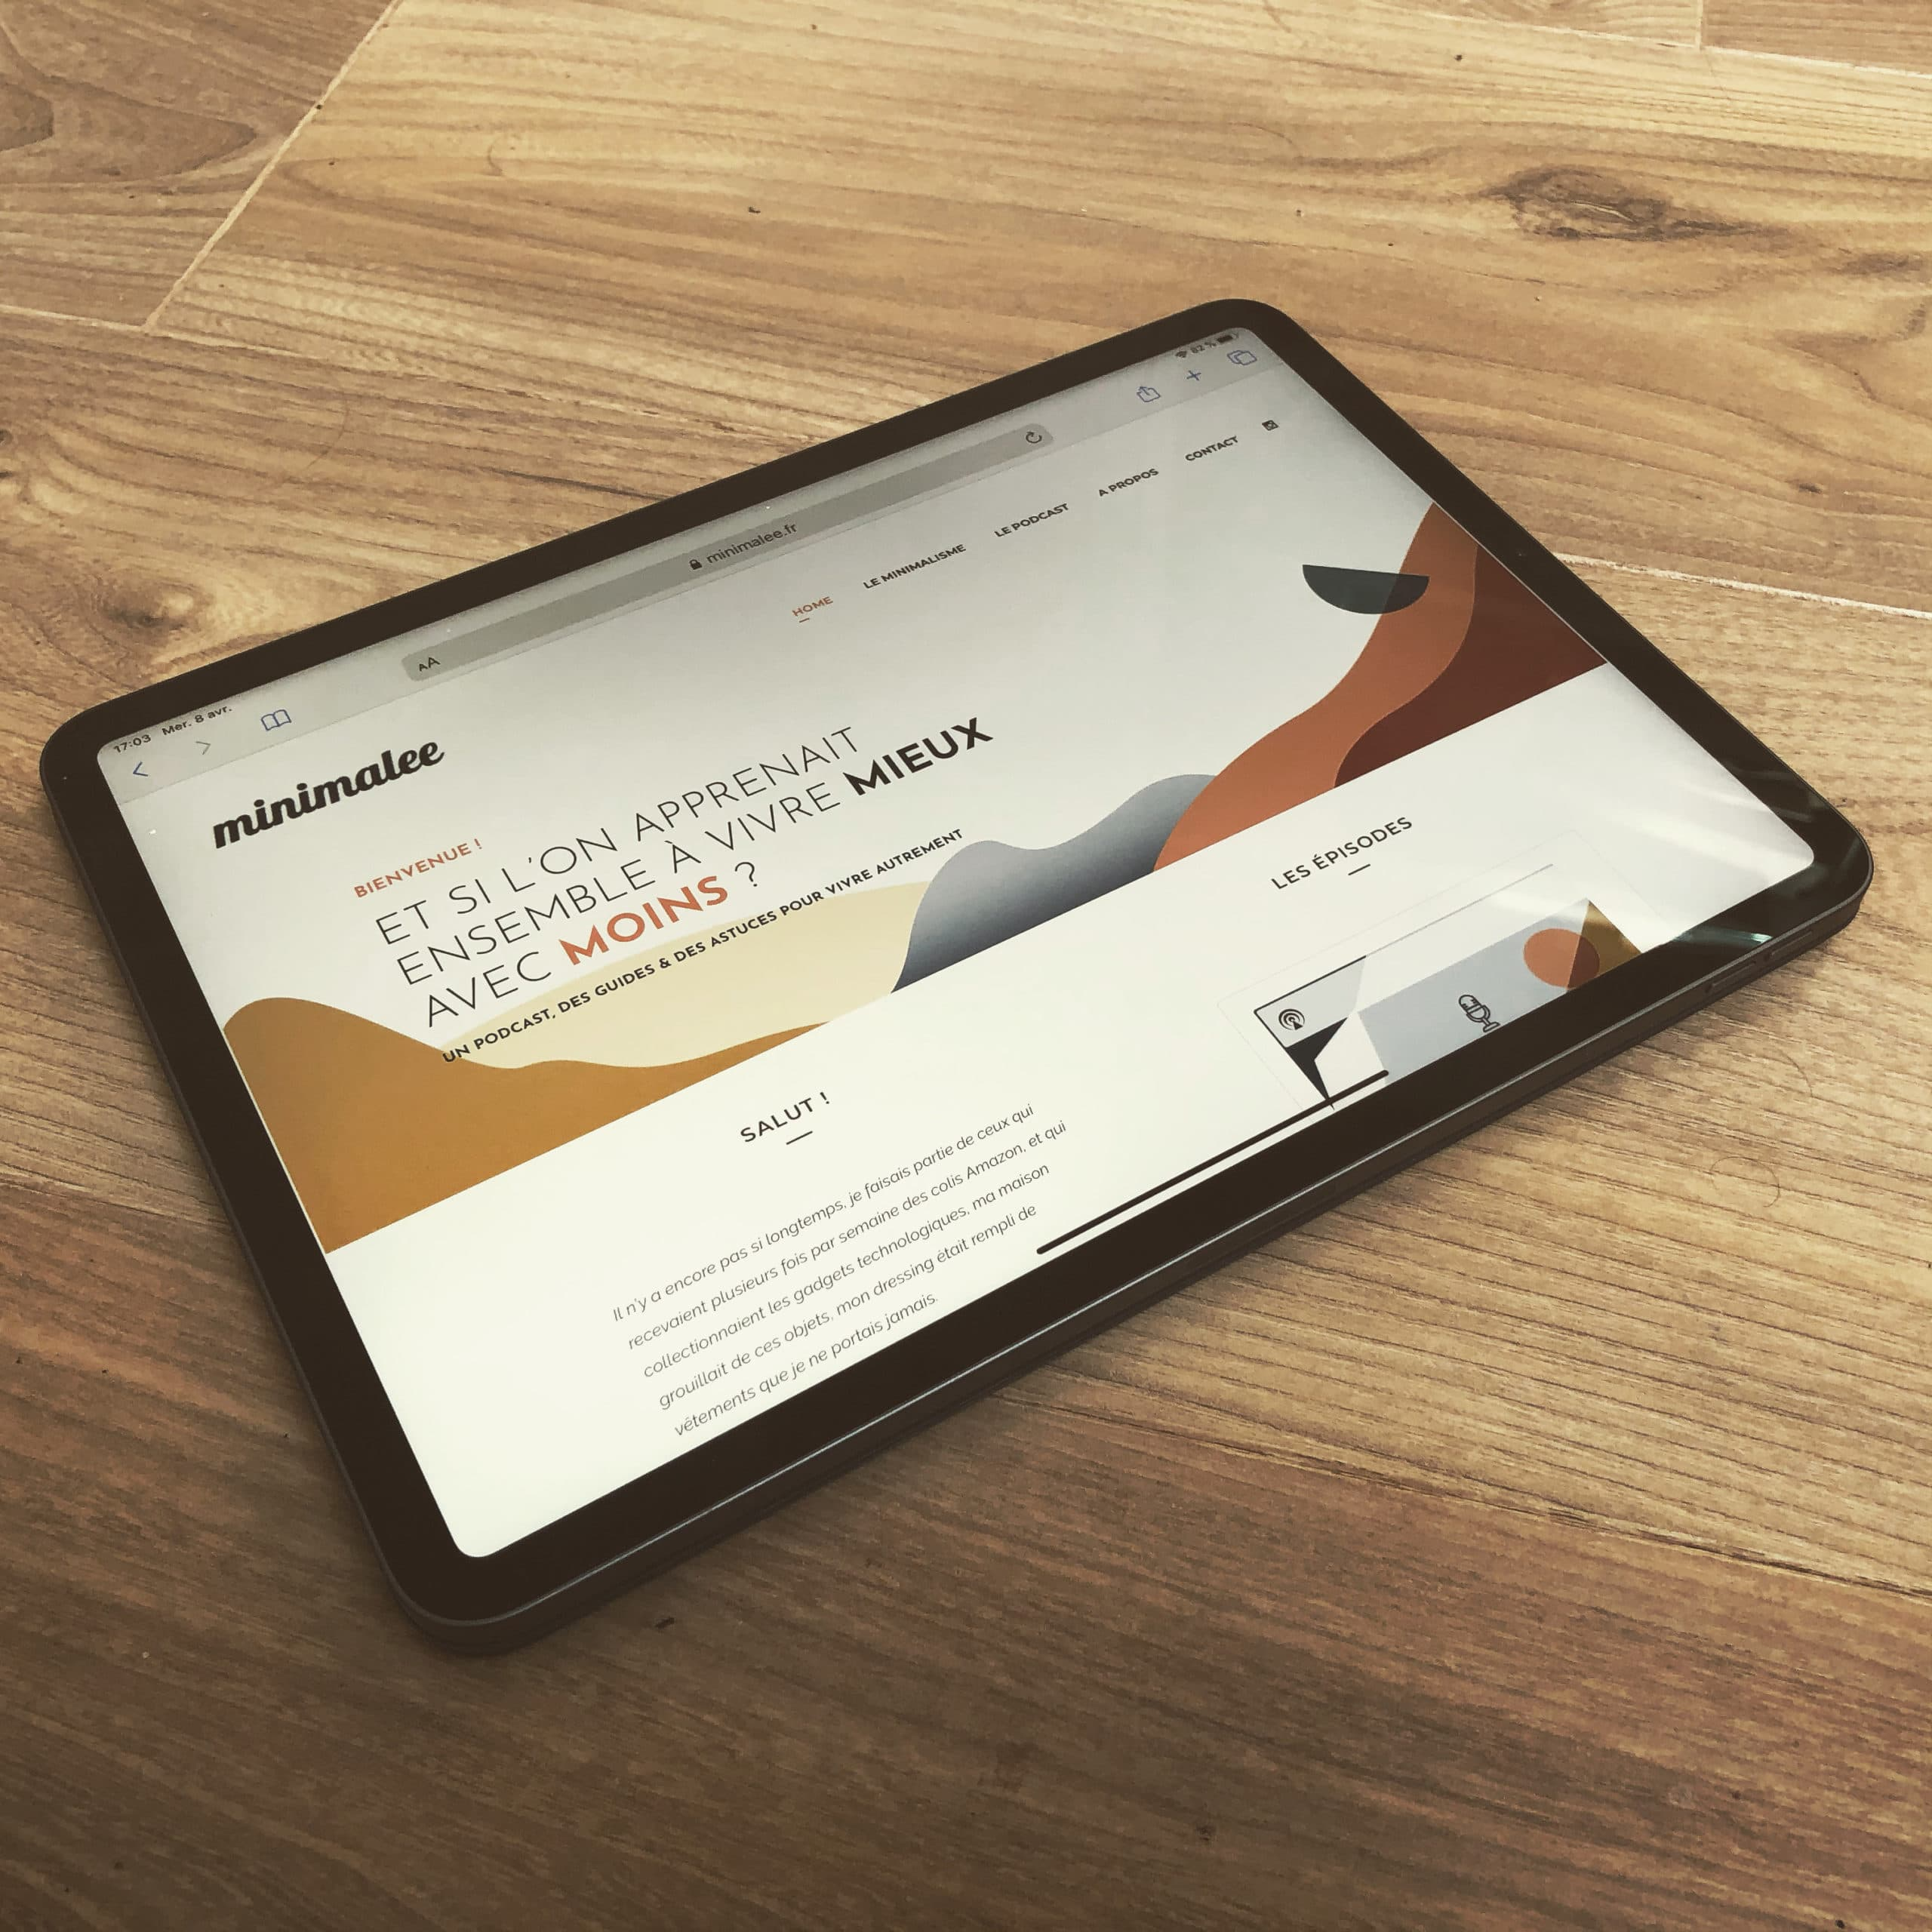 Minimalee minimalisme ipad technologie